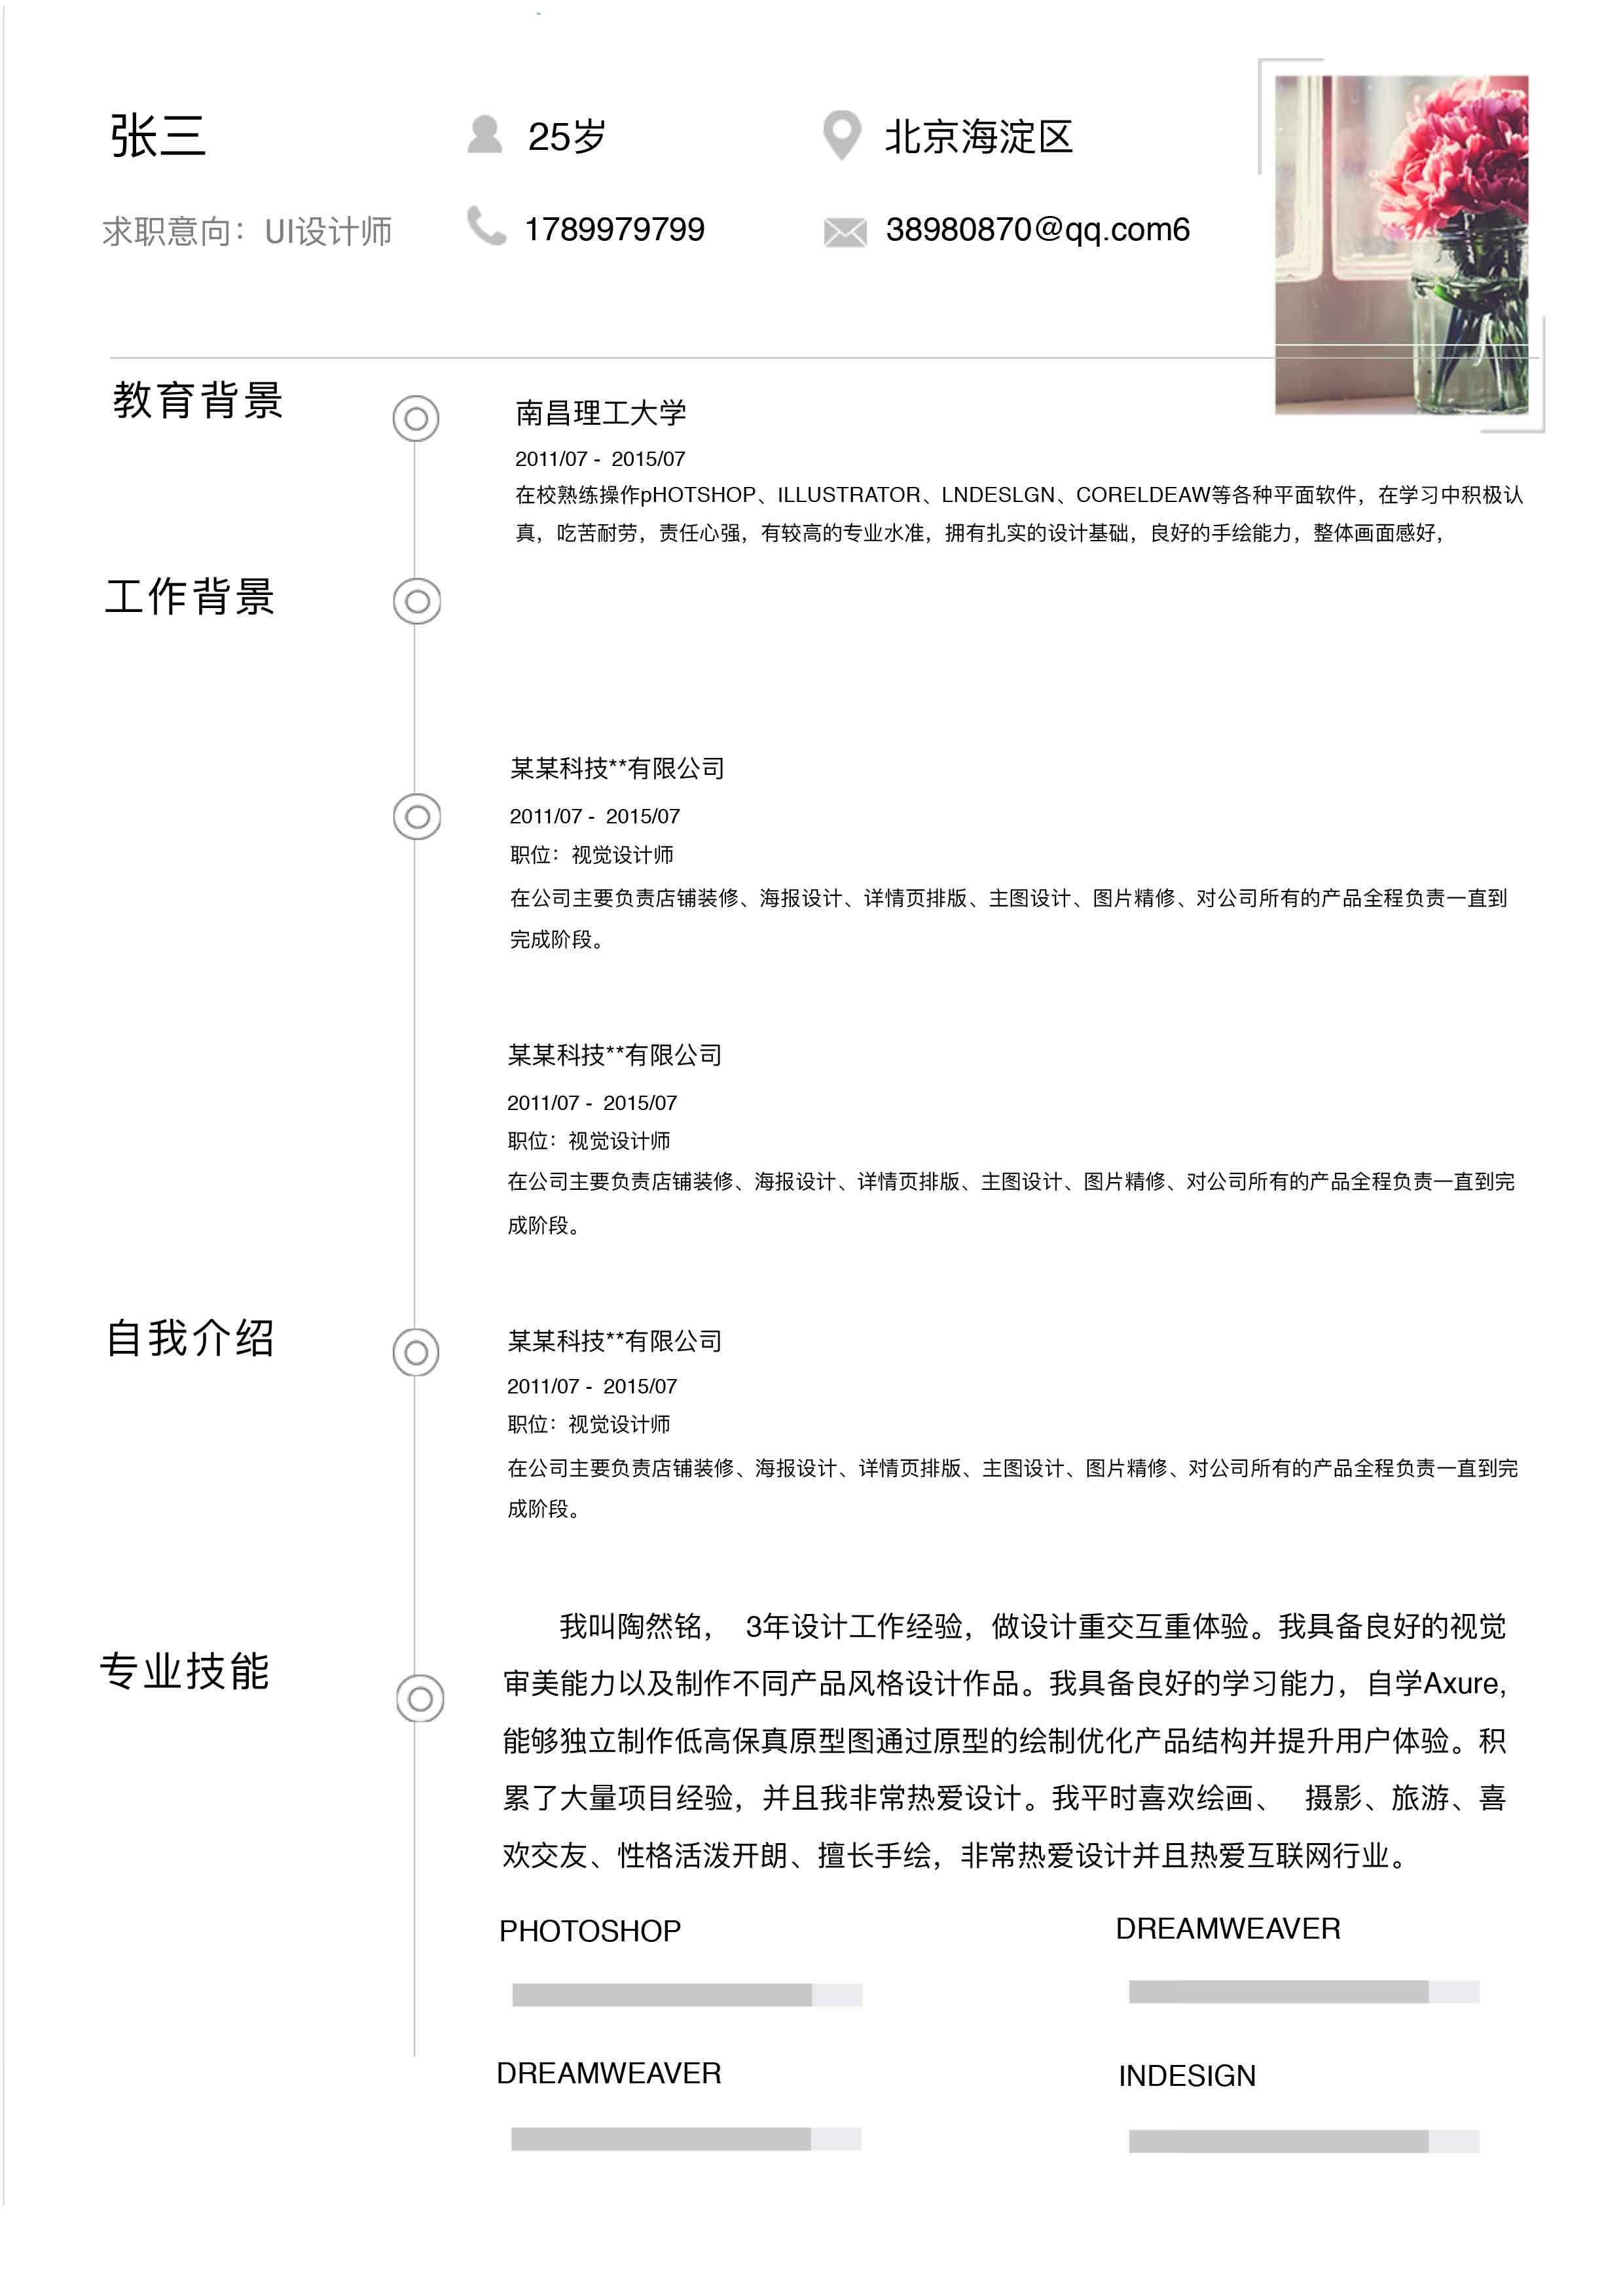 XDW863分栏式简约日系简历